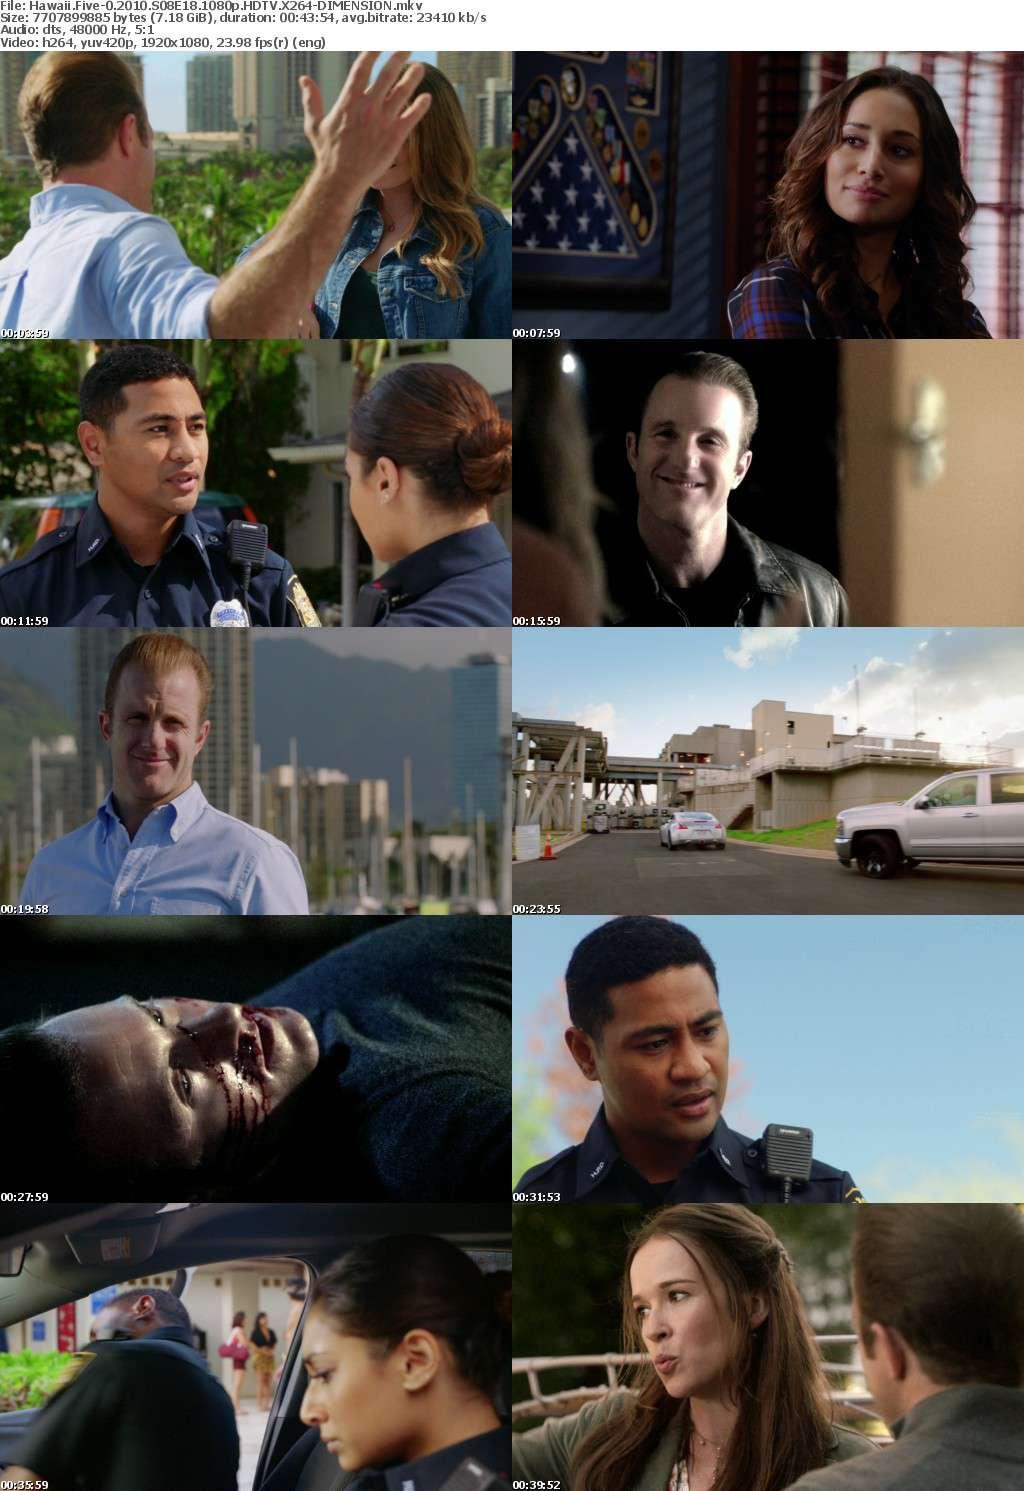 Hawaii Five-0 2010 S08E18 1080p HDTV X264-DIMENSION